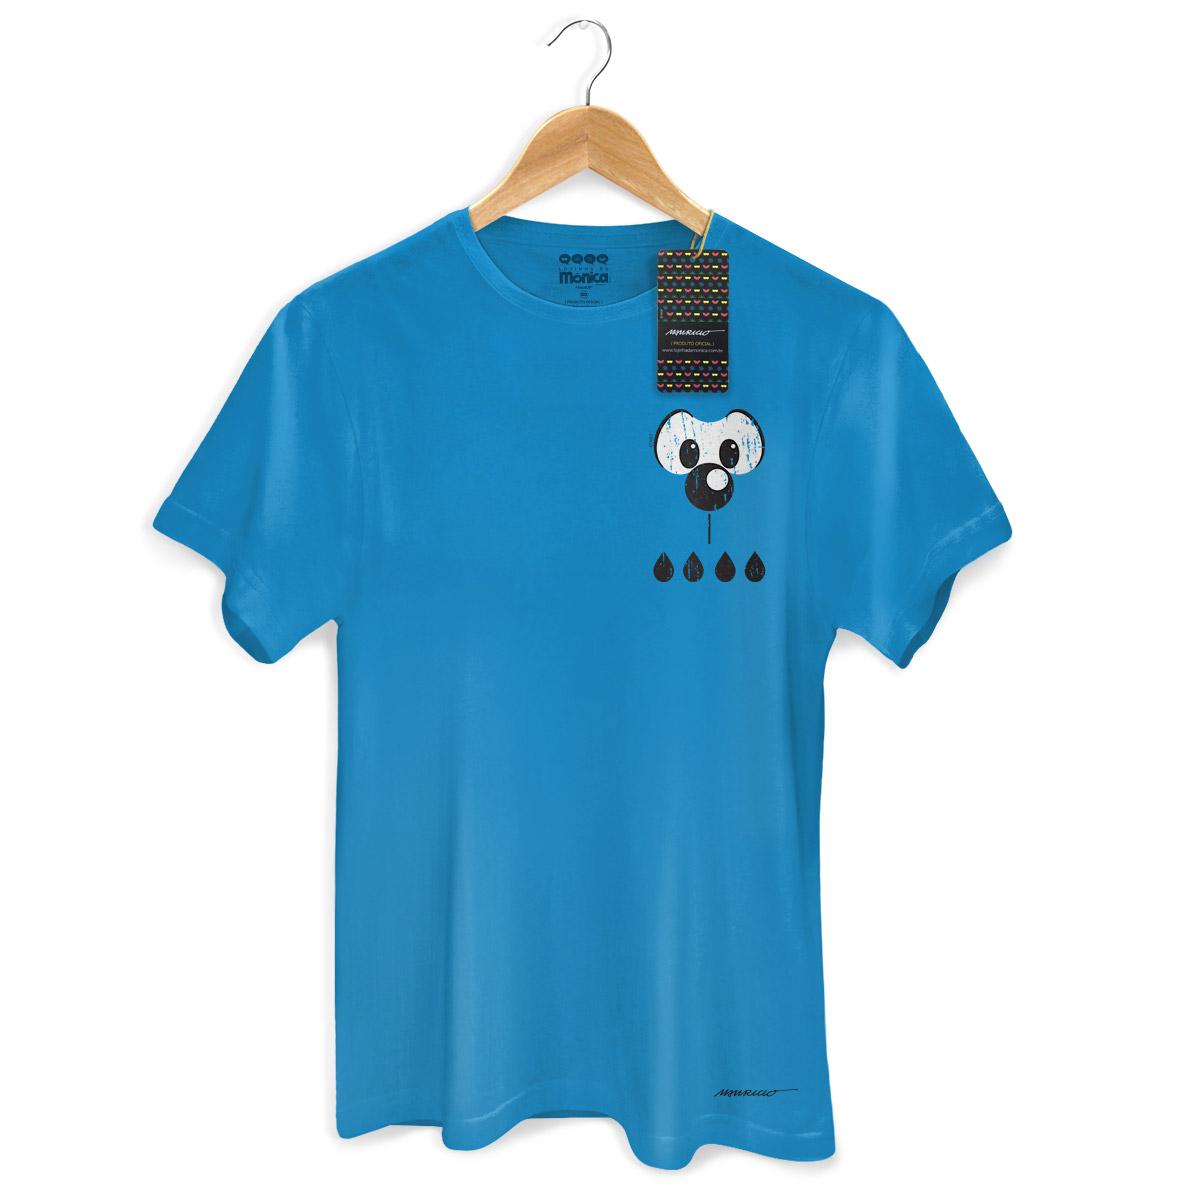 Camiseta Masculina Turma da M�nica Cool Olh�es Bidu